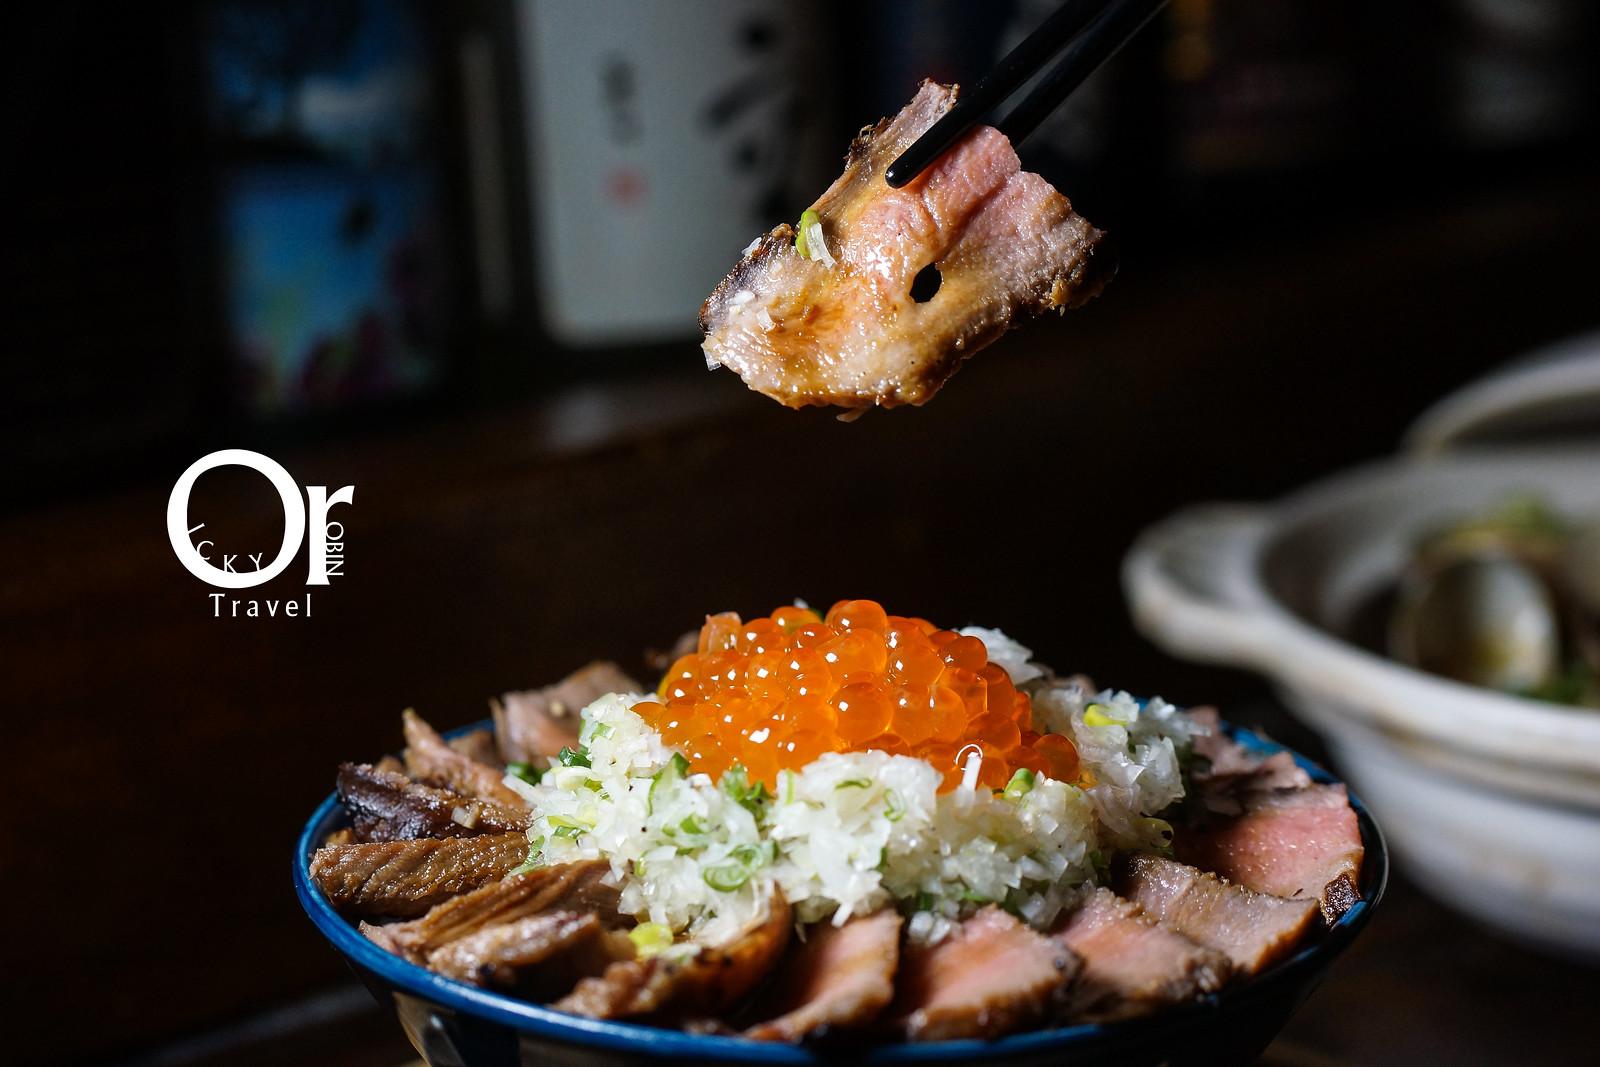 忠孝復興美食|東區串燒居酒屋、北海道木槳送餐、超狂炭火厚切牛舌丼不點會捶心|一氣爐端燒